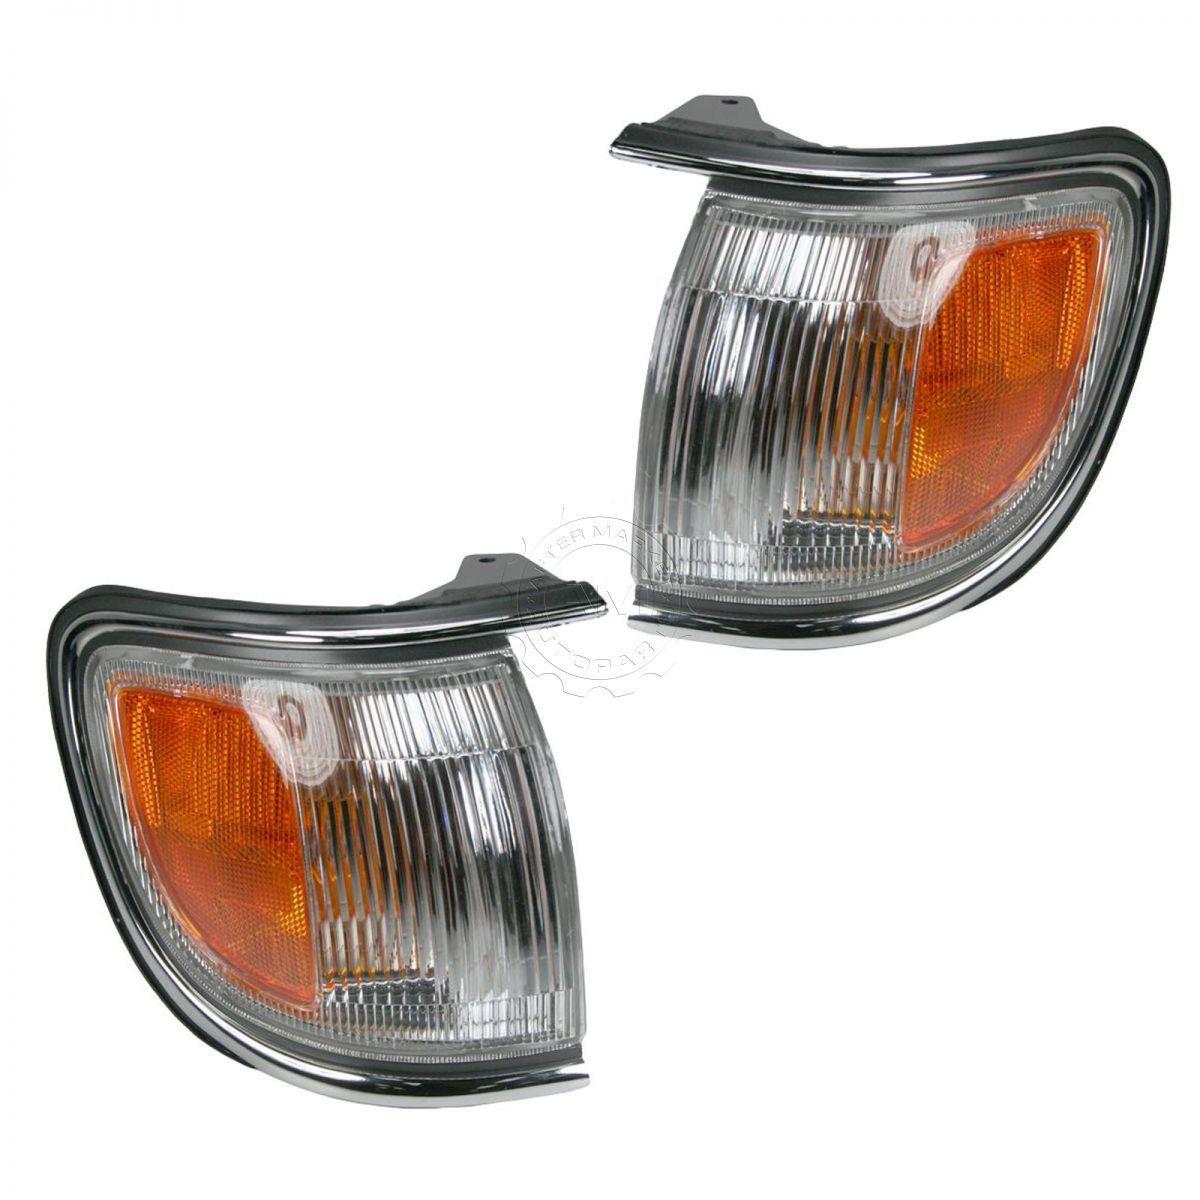 コーナーライト Chrome Corner Parking Light Lamp Set Pair for 96-99 Nissan Pathfinder 96-99日産パスファインダー用クロムコーナーパーキングライトランプセットペア